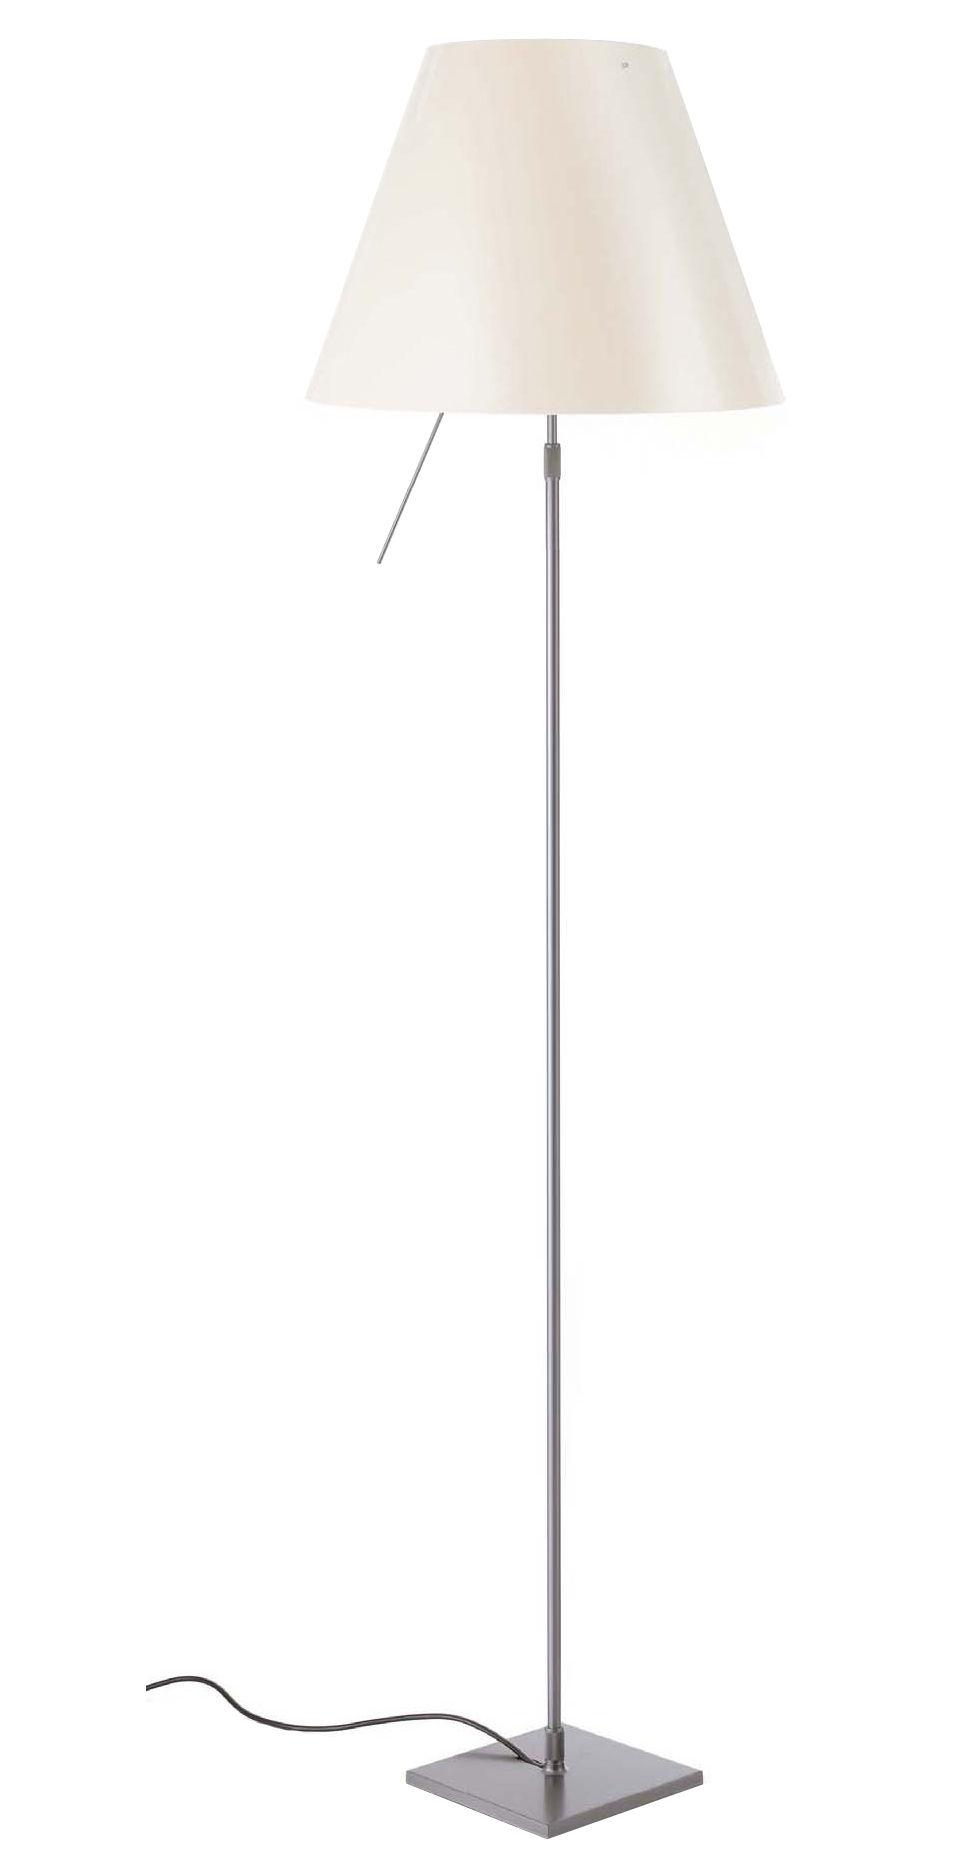 Illuminazione - Lampade da terra - Lampada a stelo Costanza di Luceplan - Bianco - alluminio verniciato, policarbonato